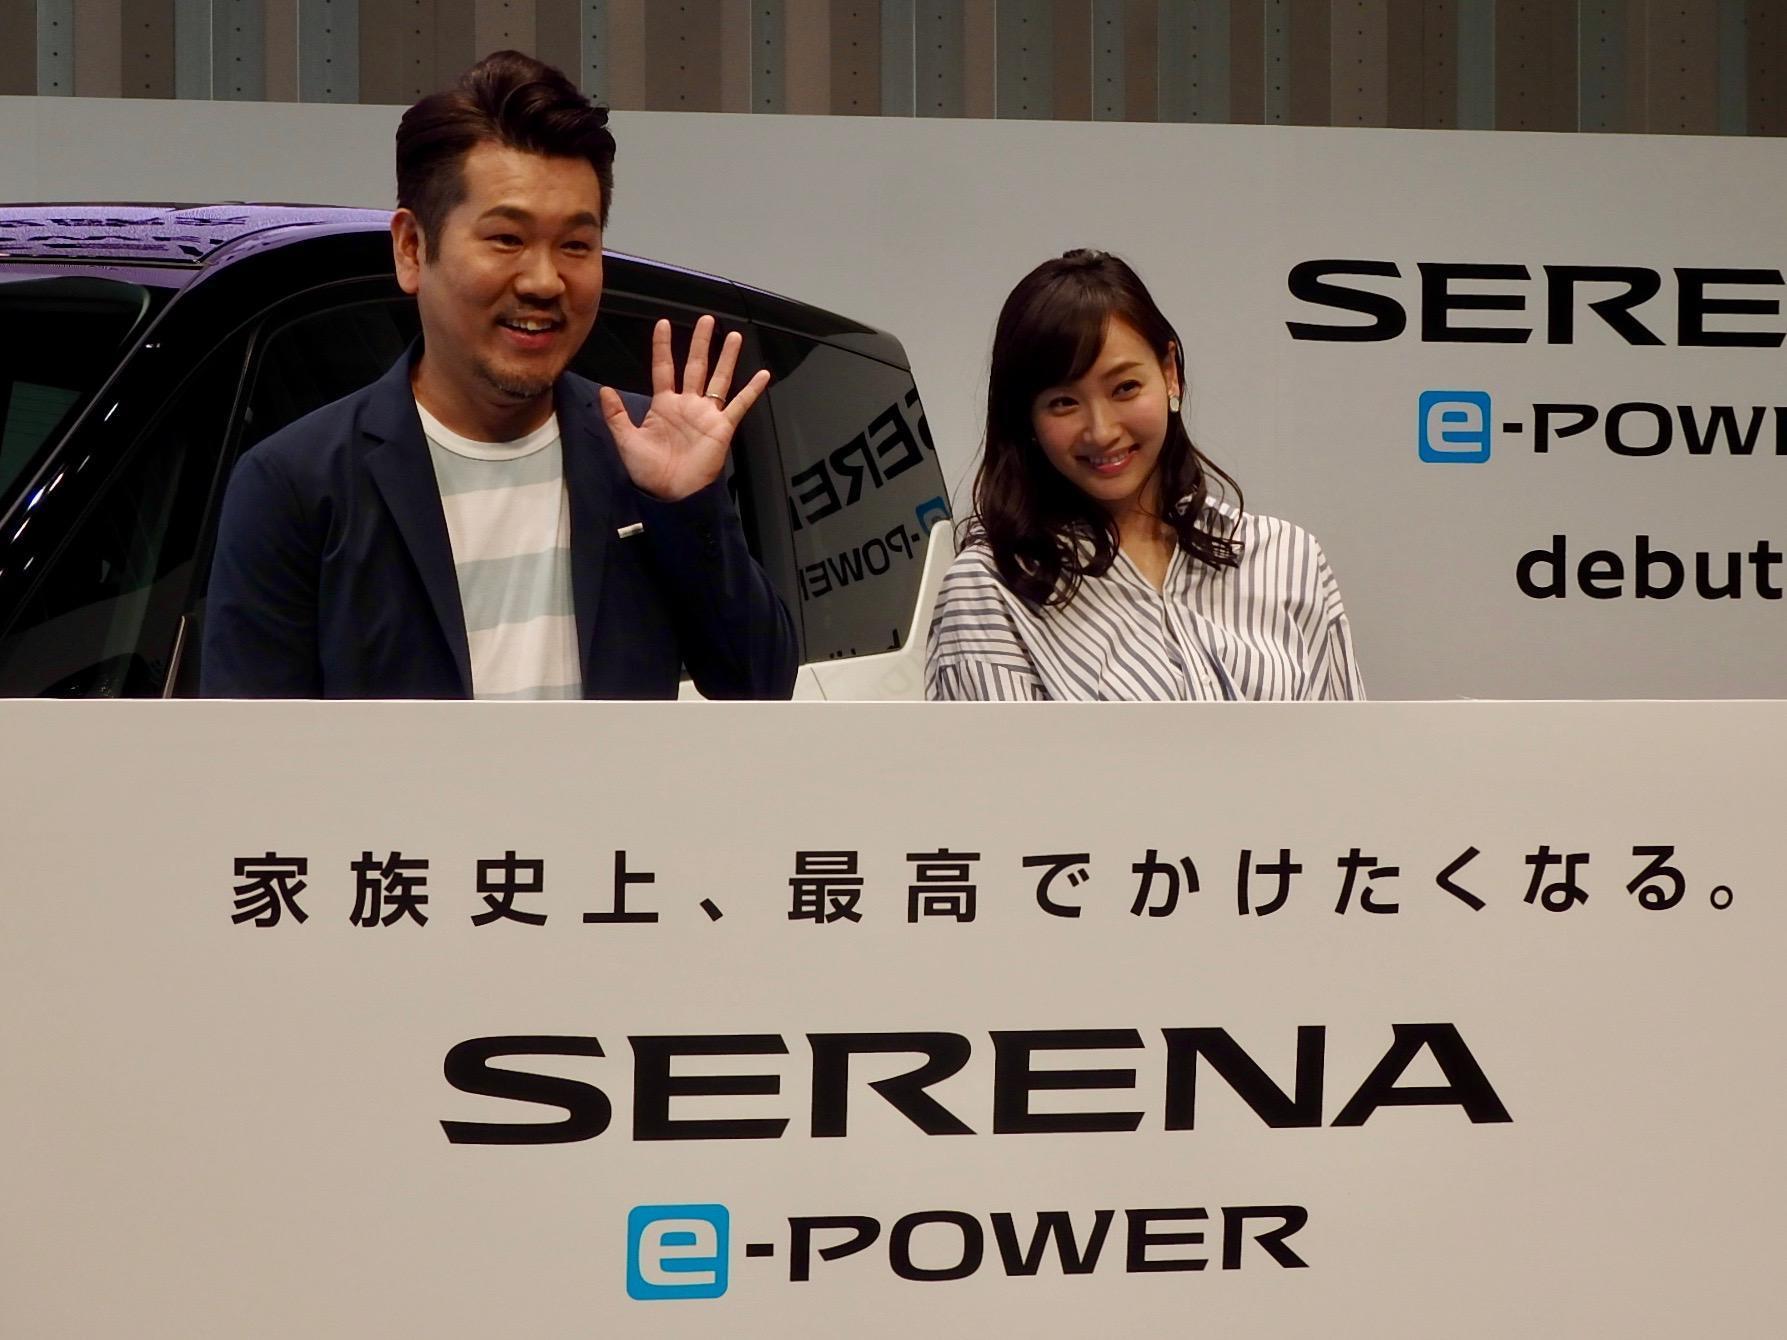 http://news.yoshimoto.co.jp/20180228184740-c0fc36069aa1dc074c0dba4c4df4d9082e9ab4f8.jpg